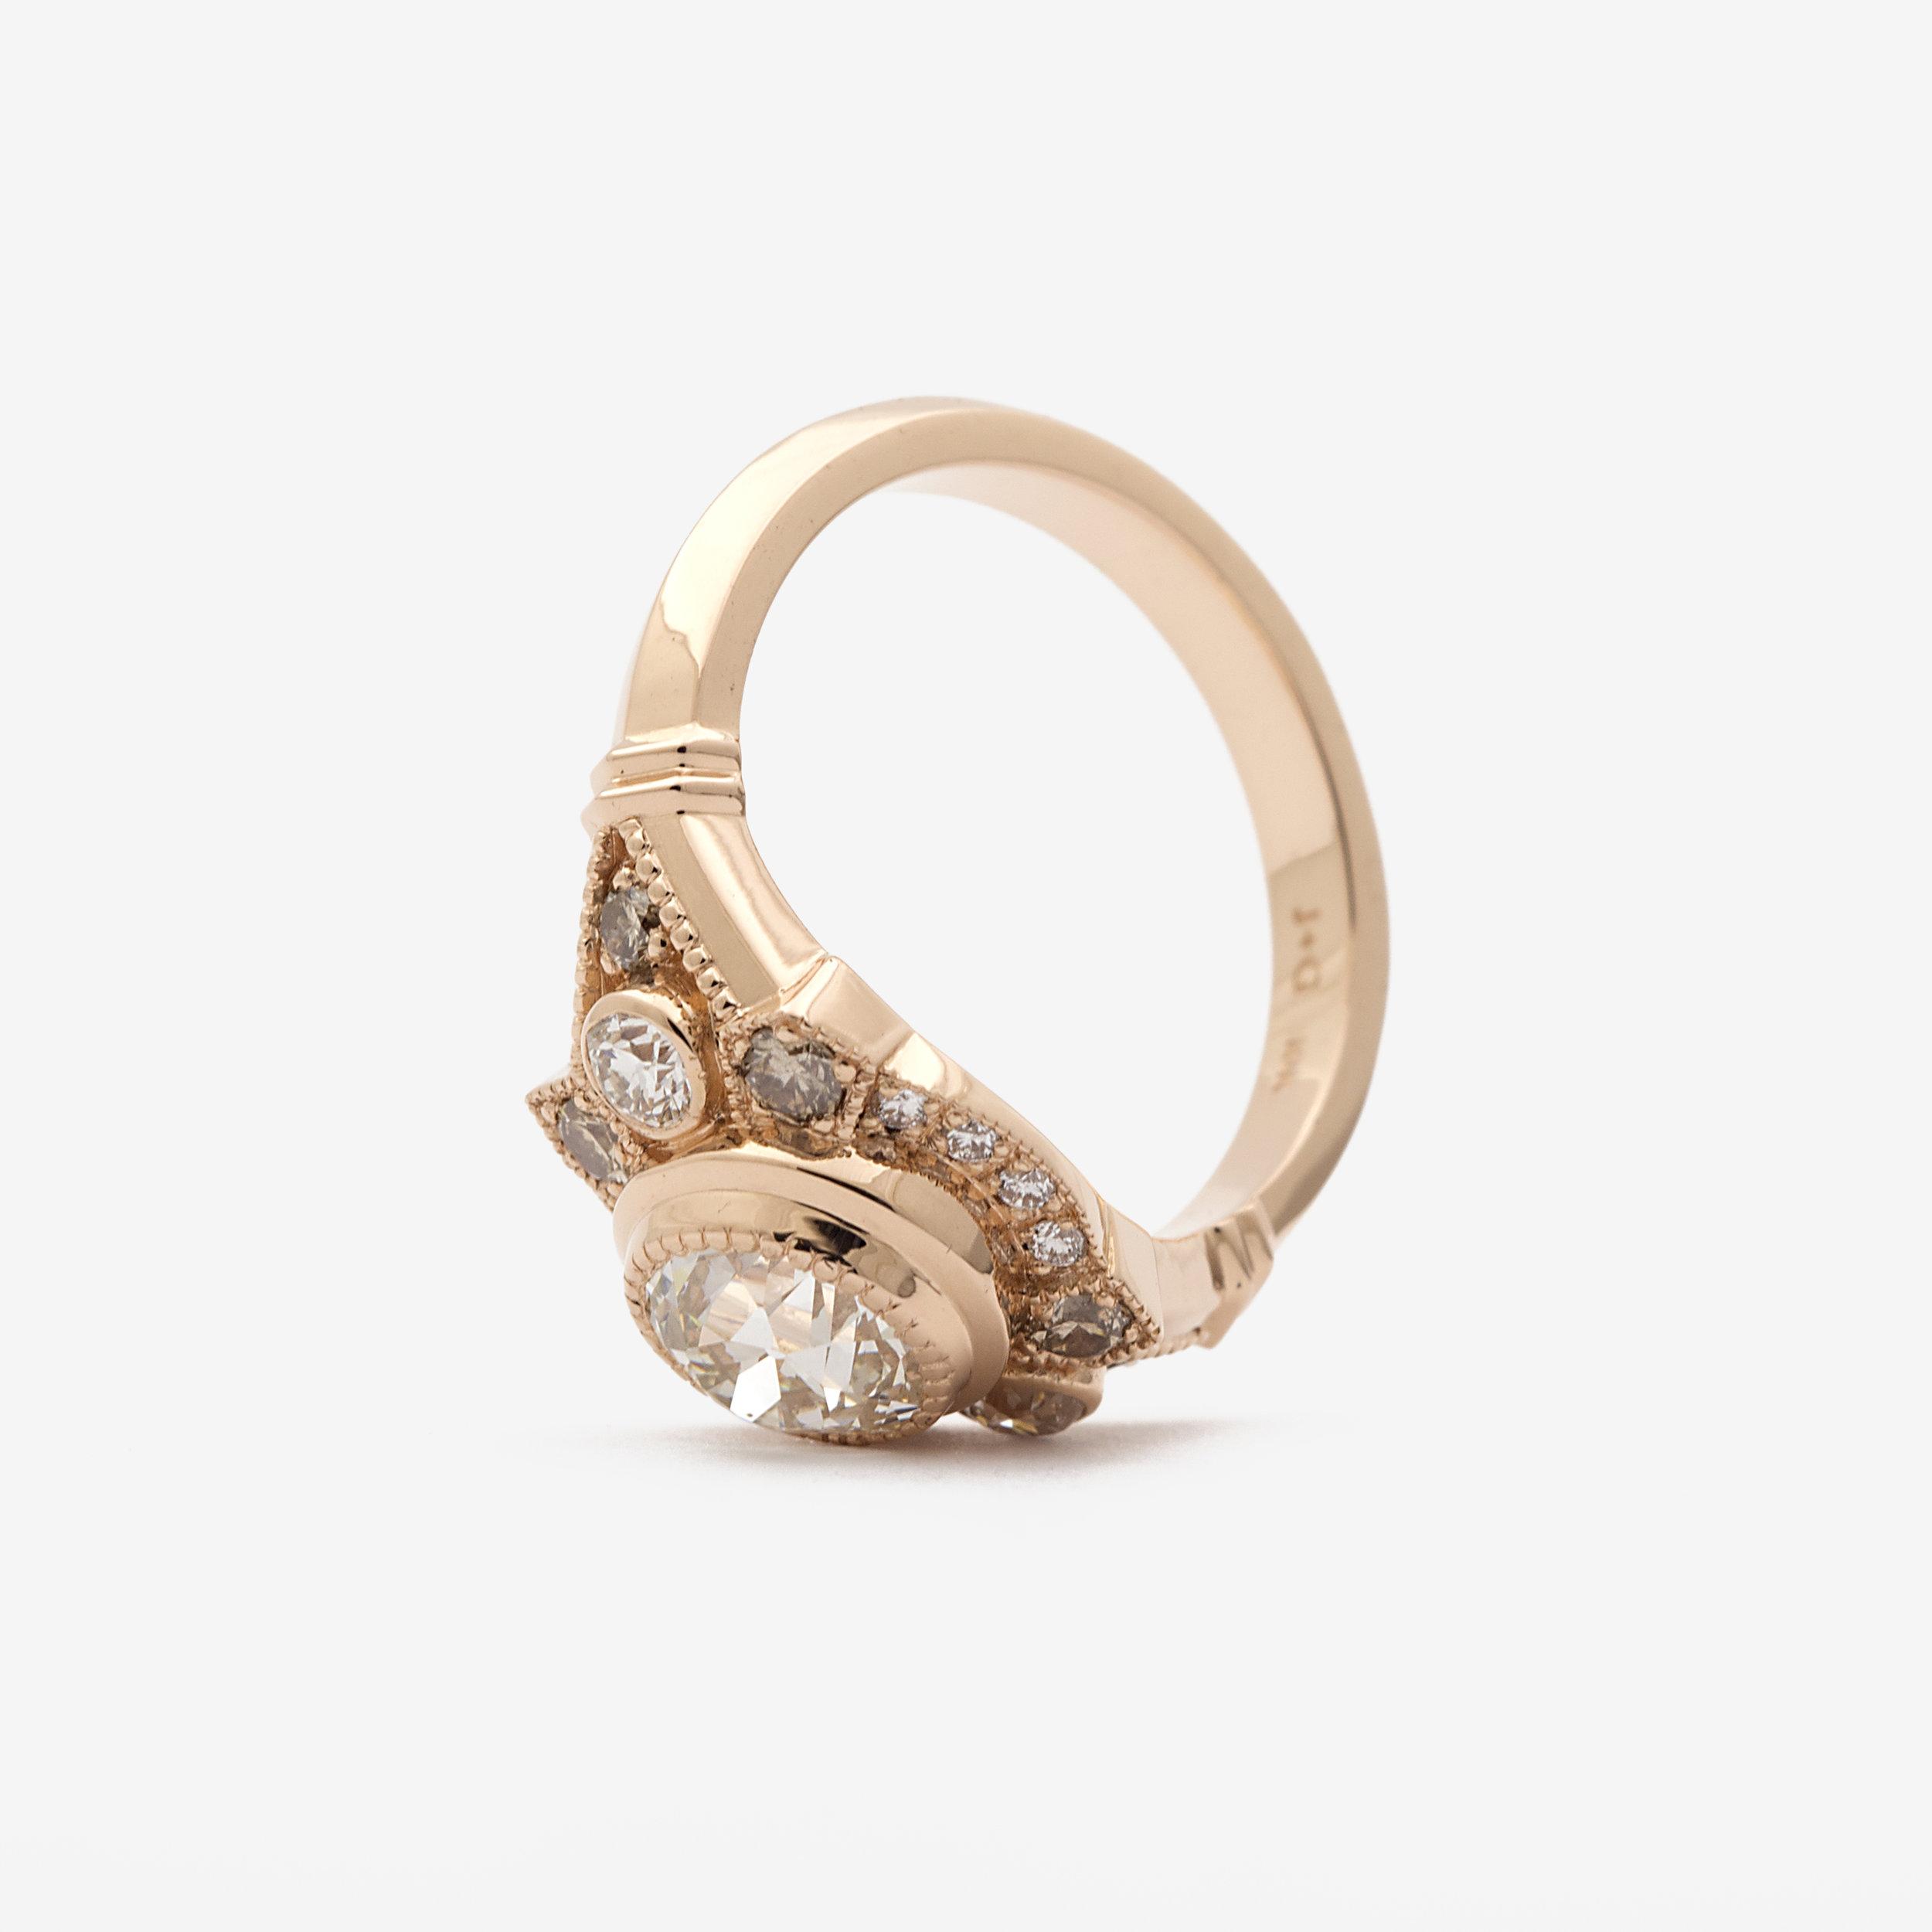 Michelle's Ring - Standing.jpg